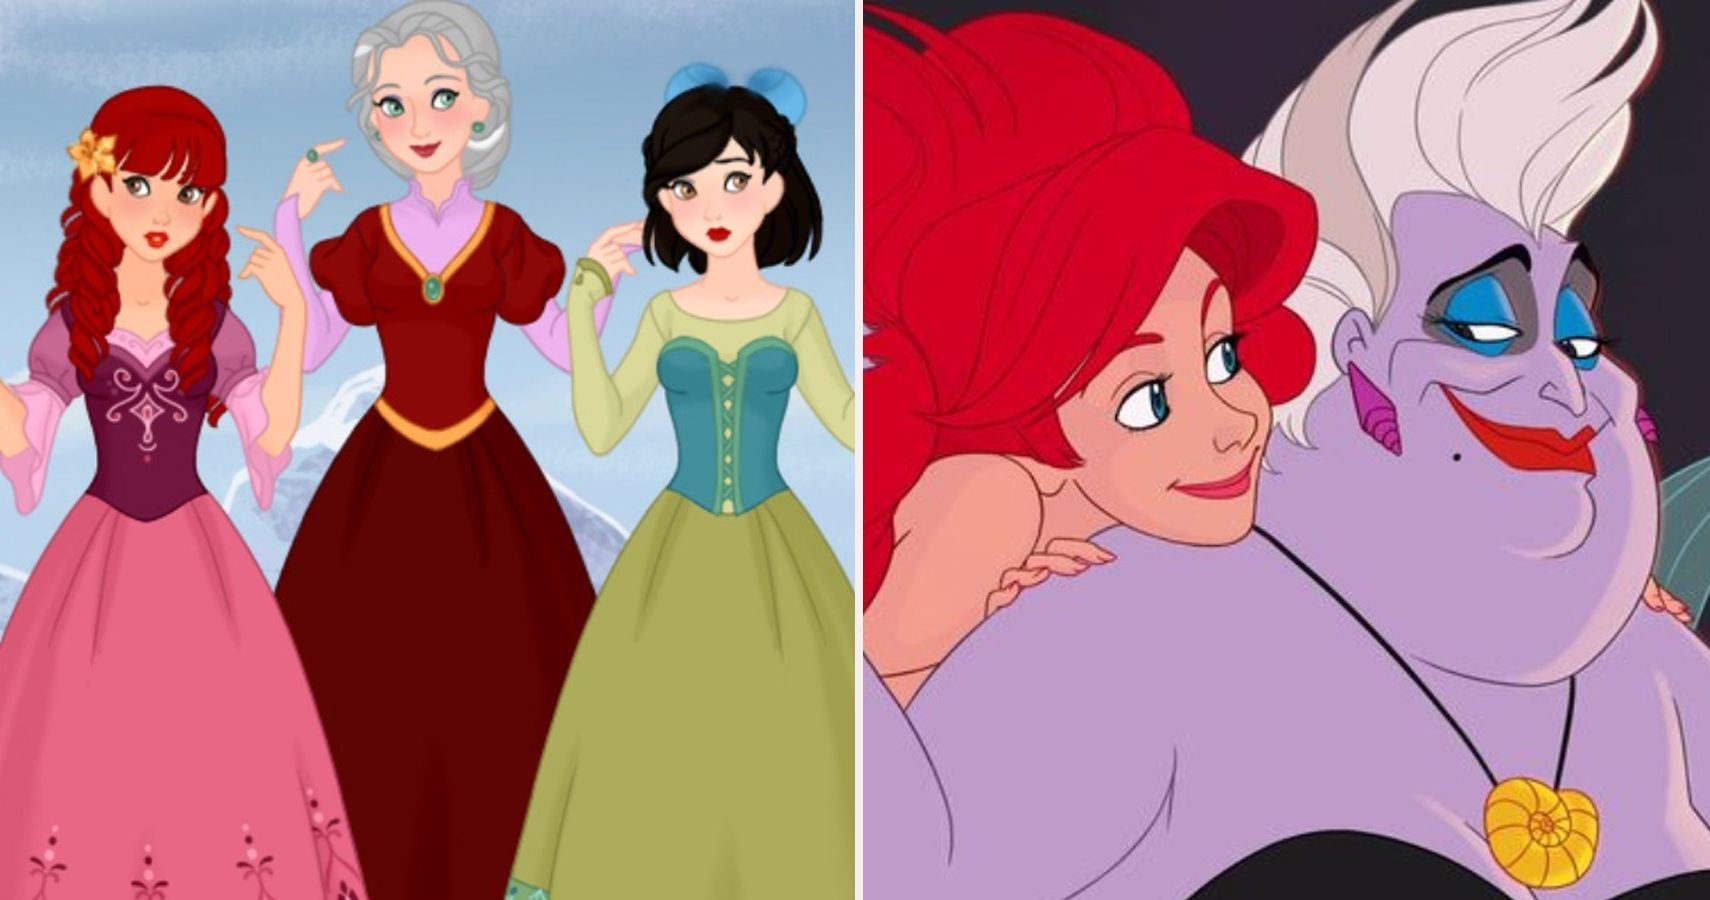 10 Disney Villains Reimagined As Heroes (Fan Art) | ScreenRant